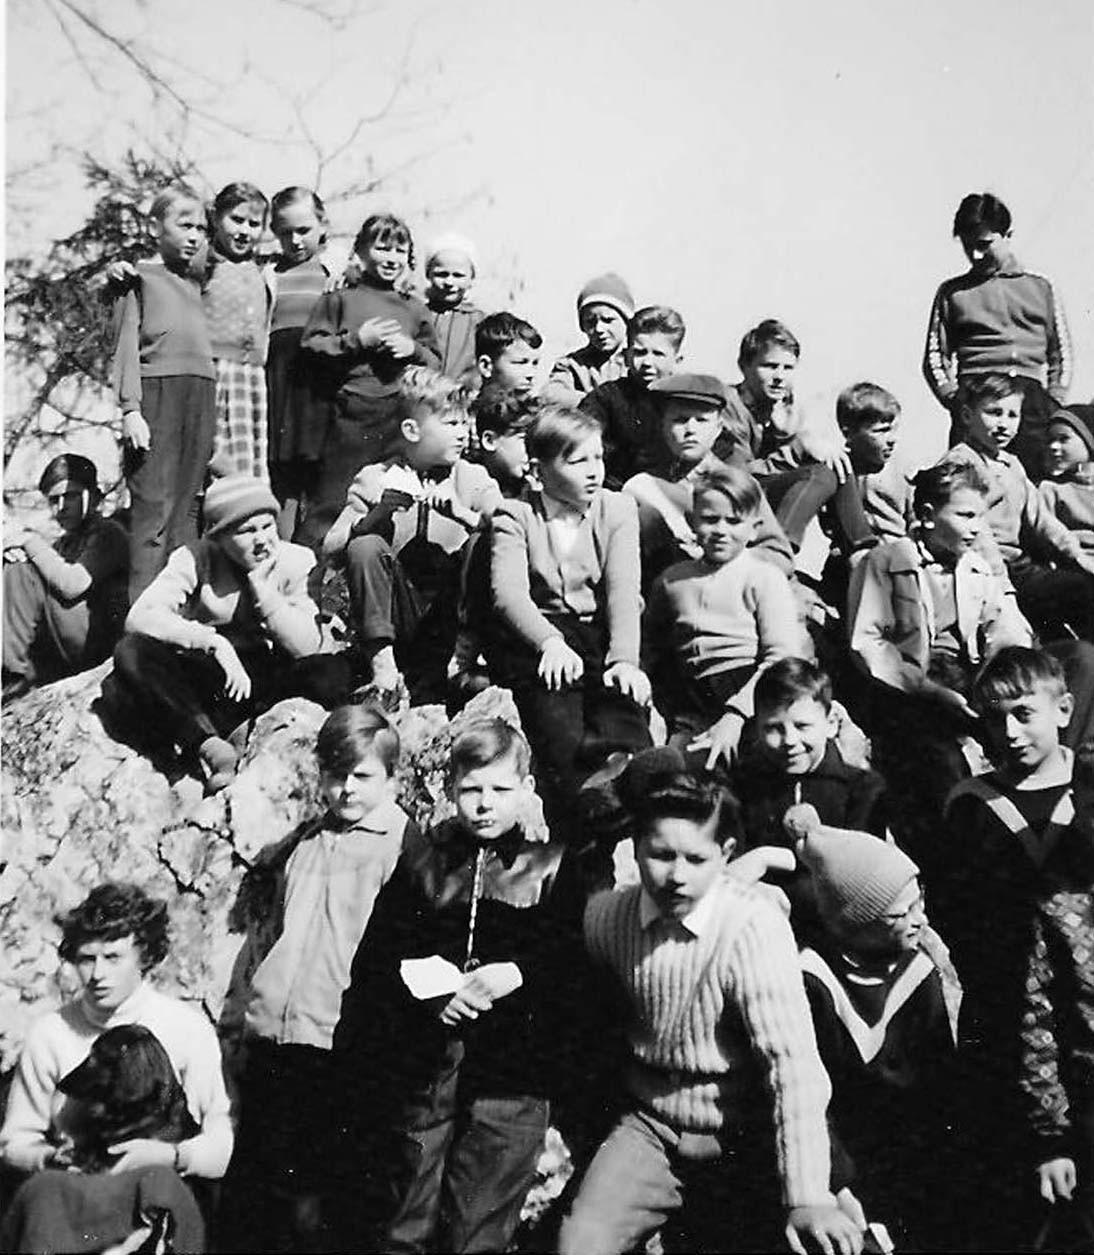 Unsere Kindergruppe im Frühjahr 1961. Ich sitze auf dem Felsen links außen. Unten links vor dem Felsen die Tochter des Hausmeisters mit dem Familiendackel.